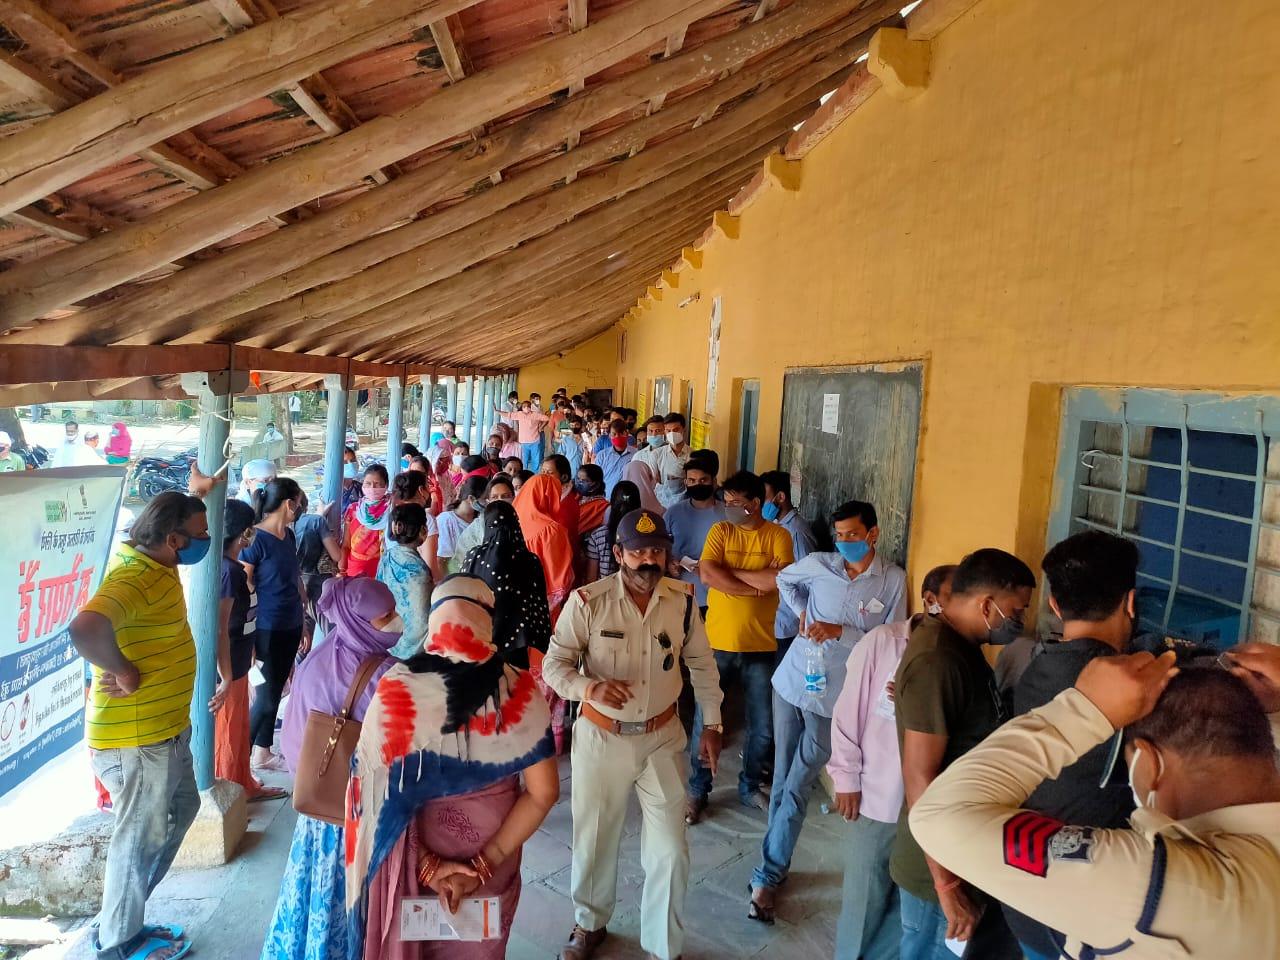 टीकाकरण केंद्र पर लगी कतार, दो-तीन घंटे बाद आया नंबर, दूसरे डोज लगवाने आई महिला को वापस भेजा|होशंगाबाद,Hoshangabad - Dainik Bhaskar